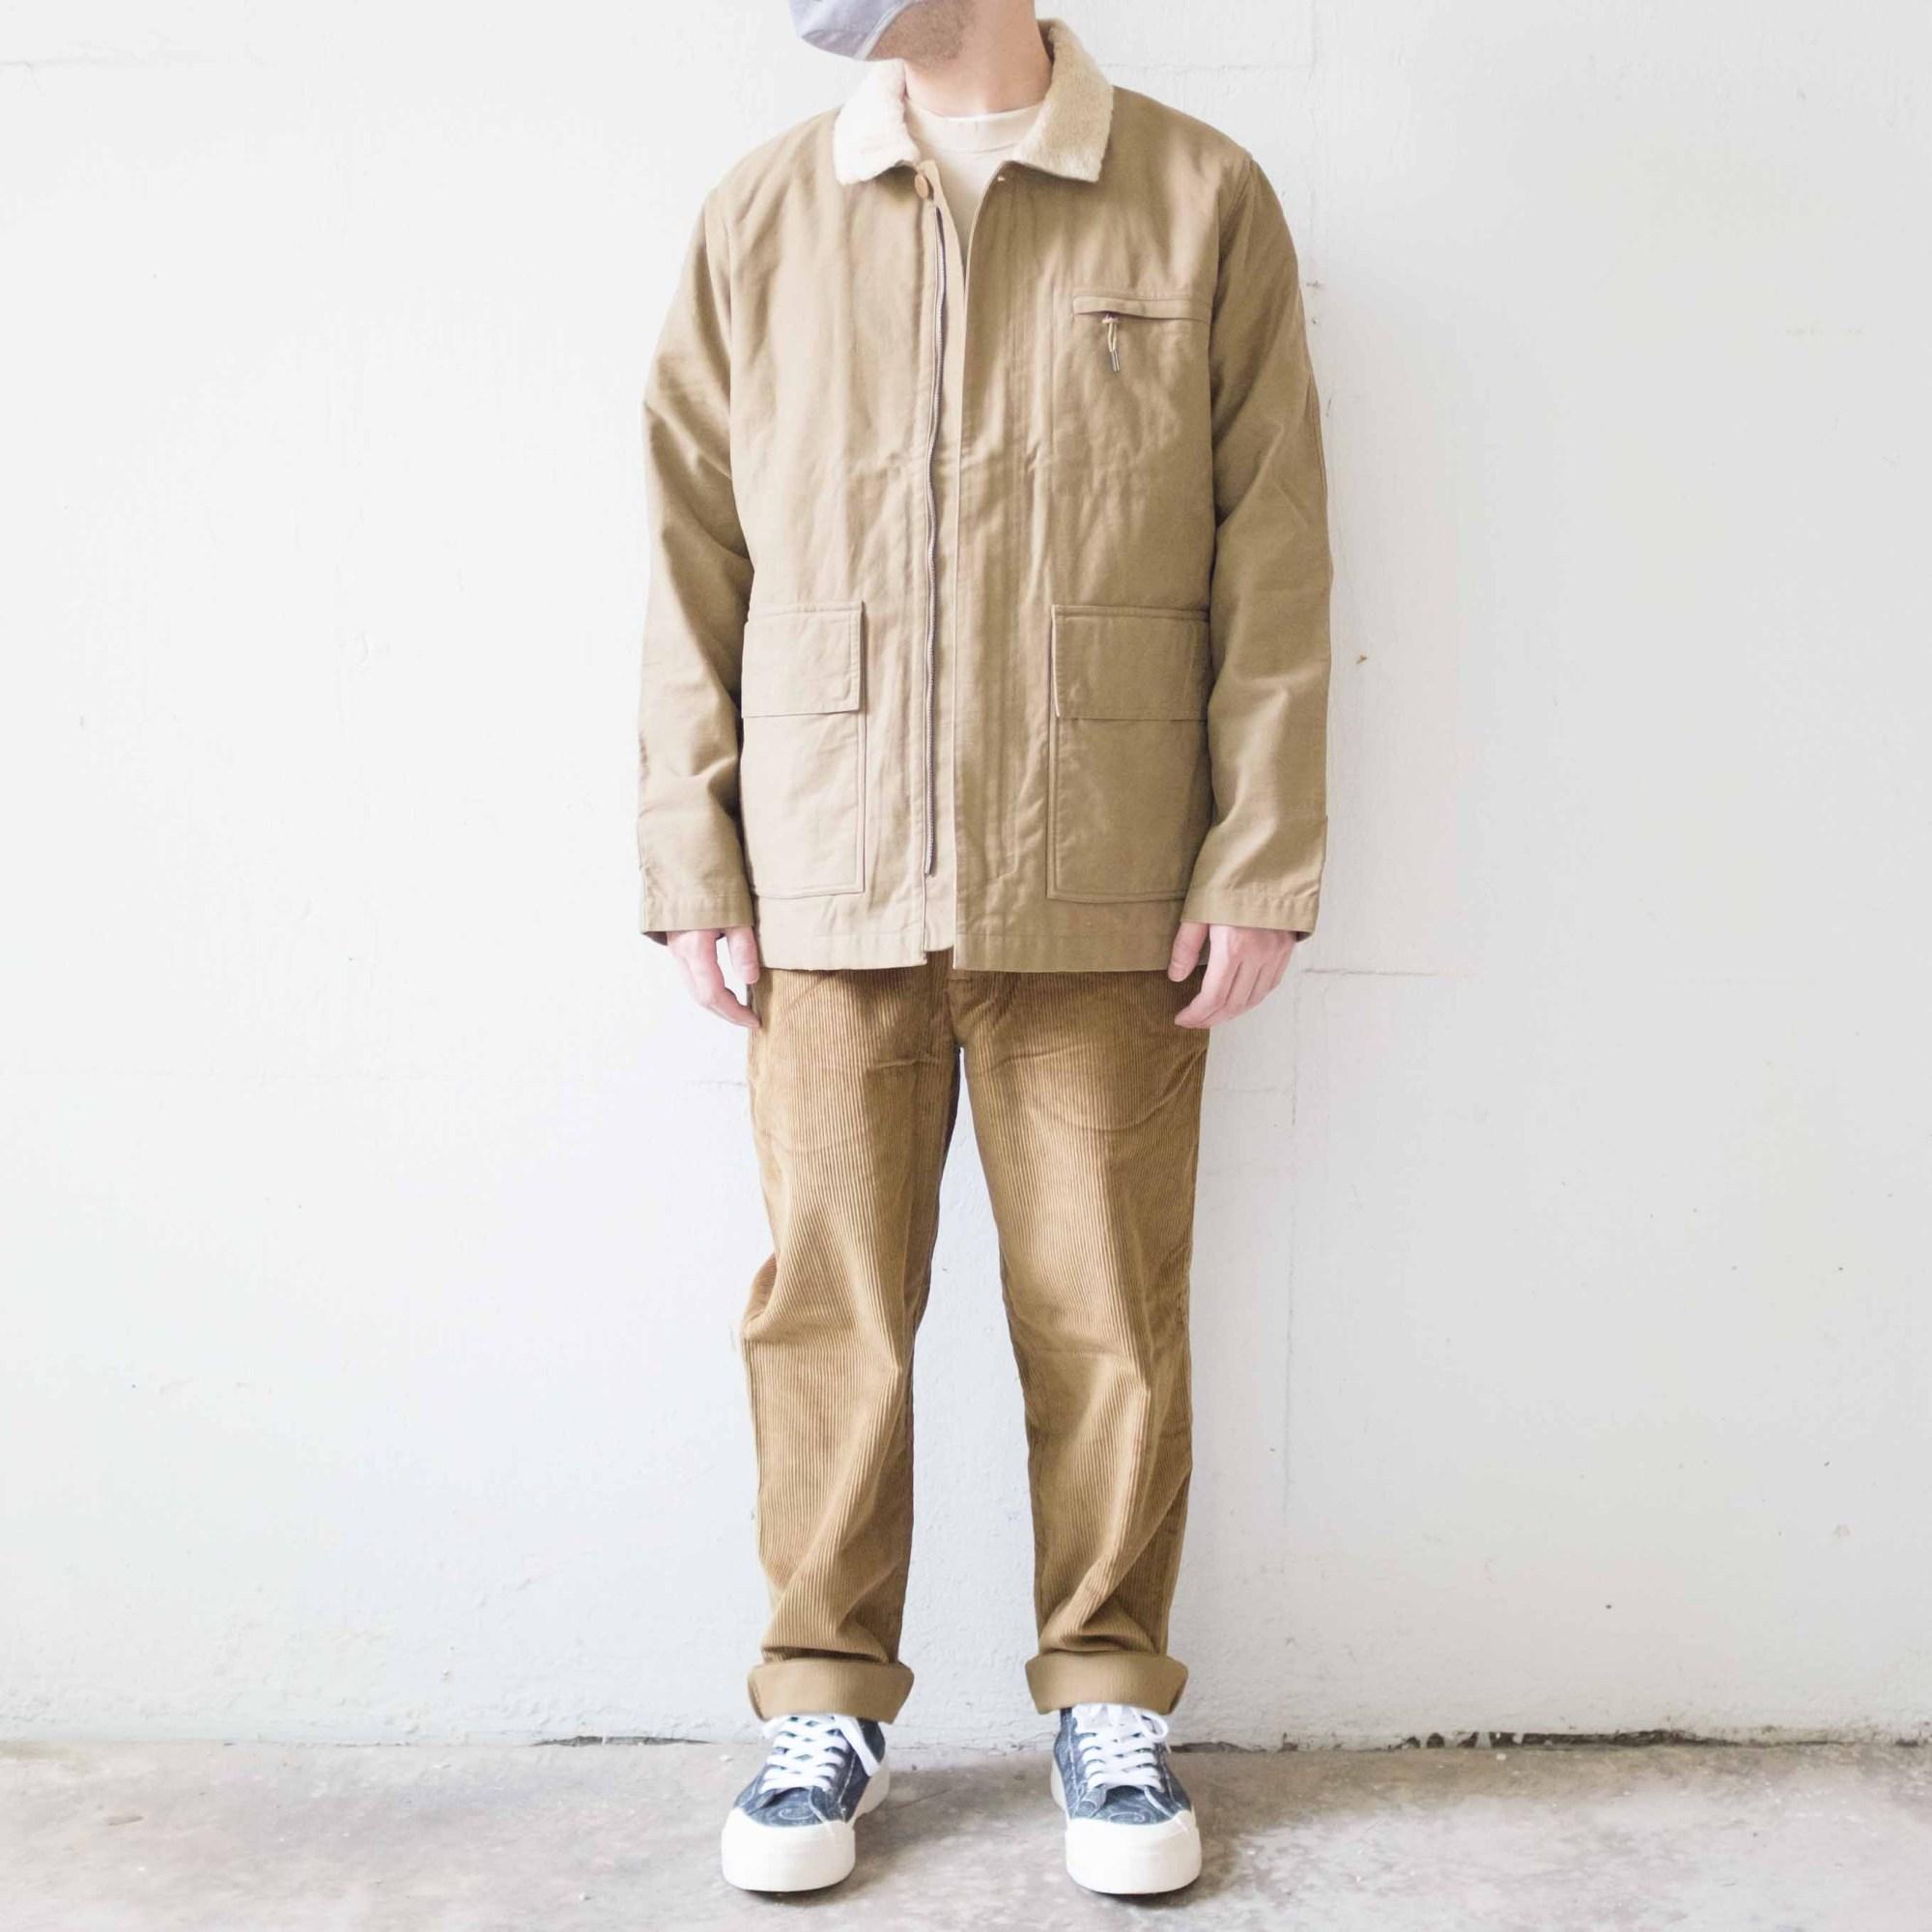 Folk alber jacket x signal pants x good news palm